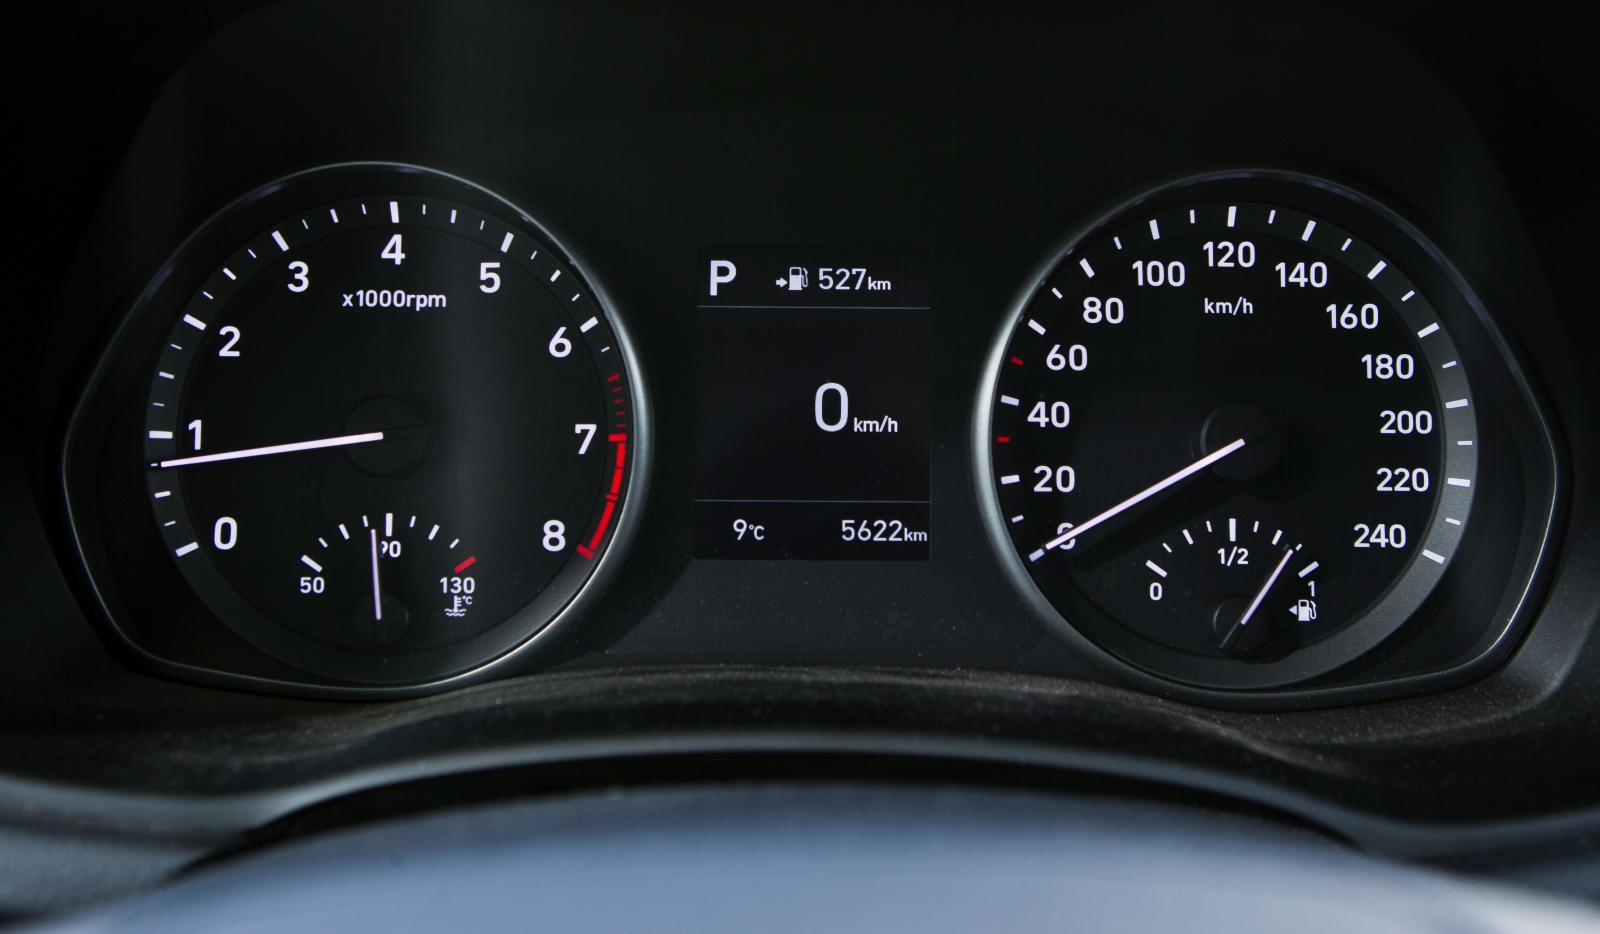 Inramningen är lite enklare i Hyundai än i Kia, med snudd på gammaldags engelsk instrumentkänsla. Trevligt!